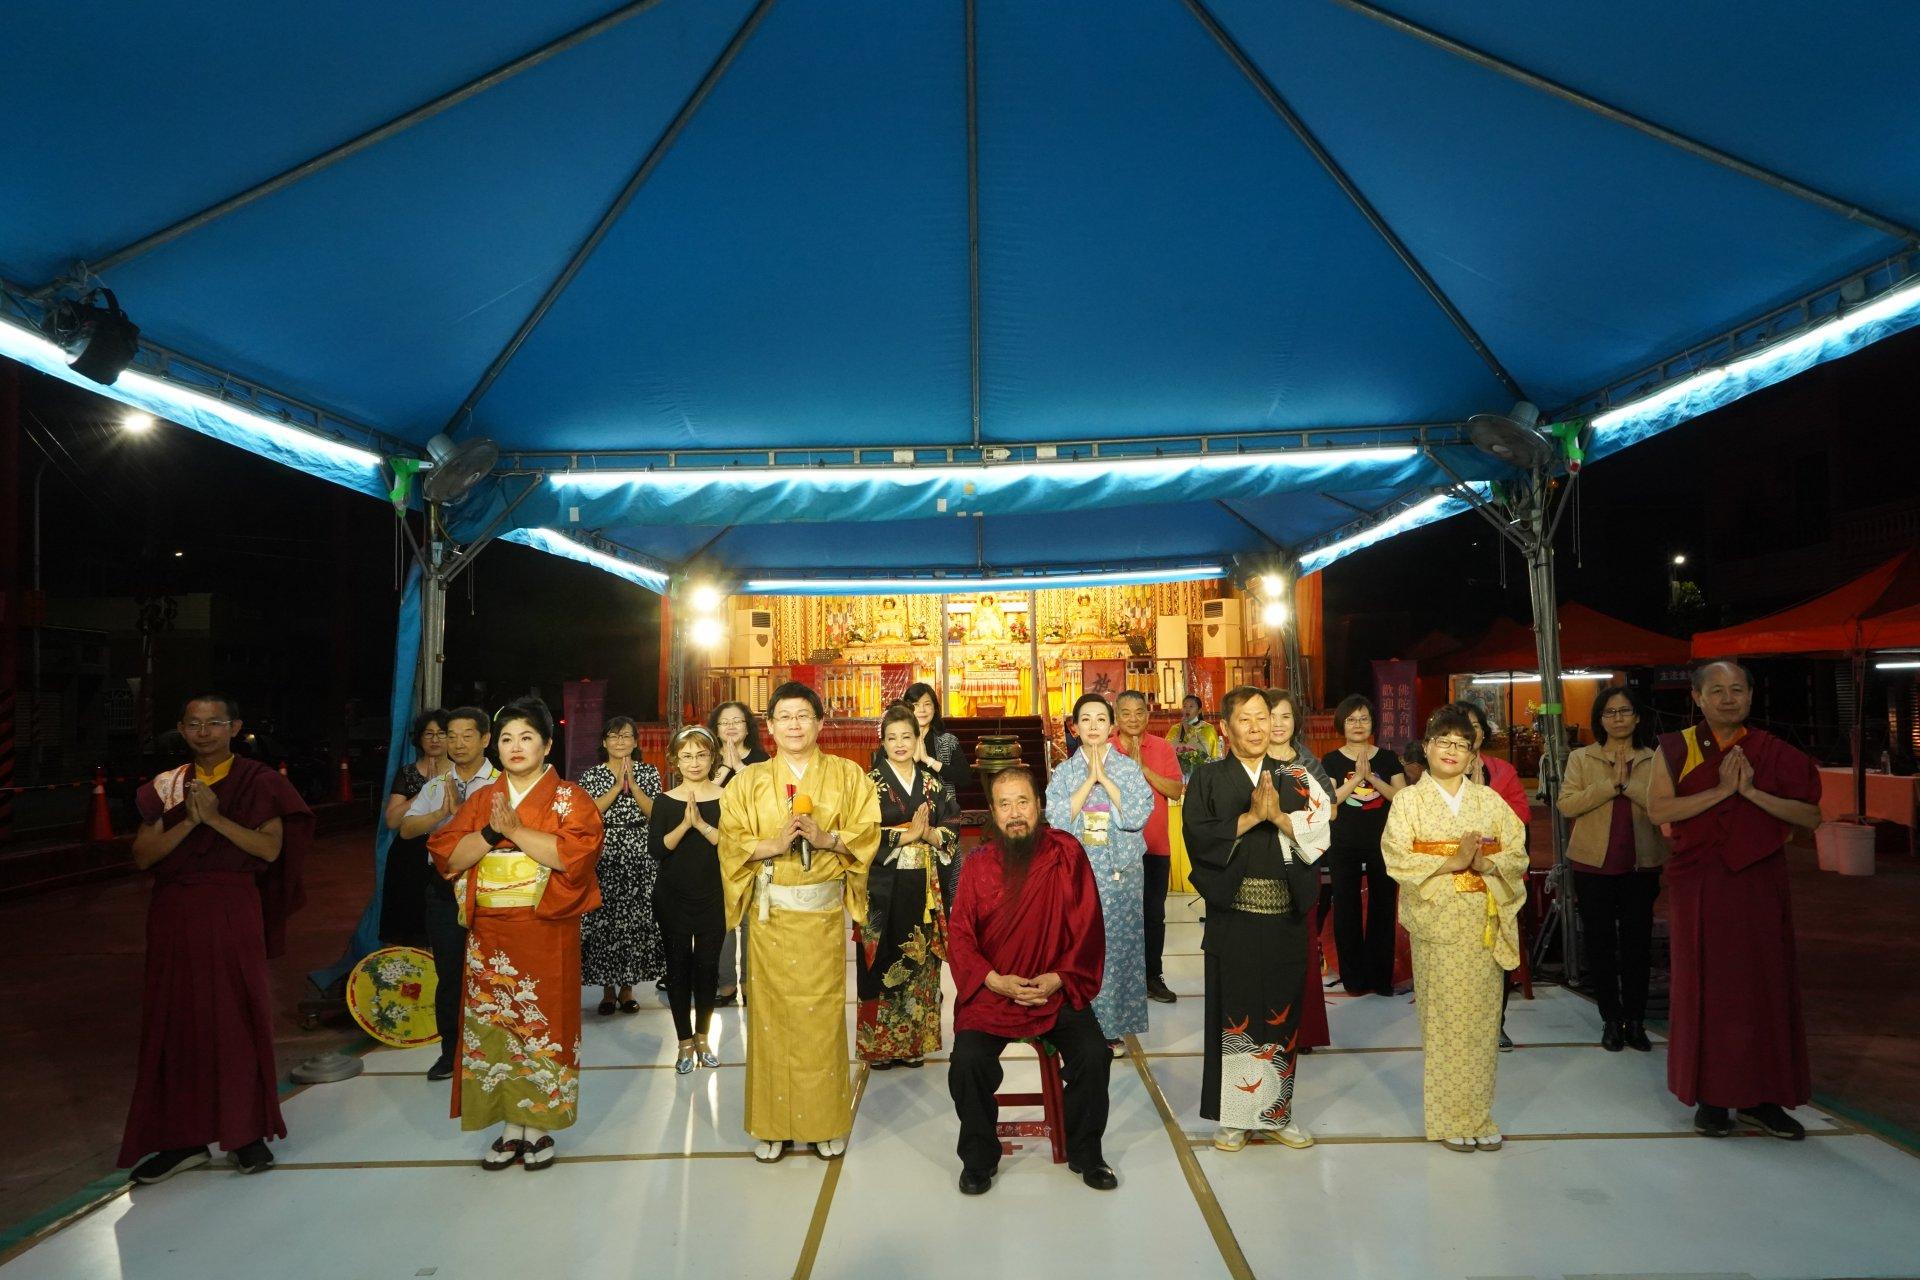 行動佛殿128站高雄路竹,本會指導上師恆性嘉措仁波且與趙明川日語演歌歌唱協會合影